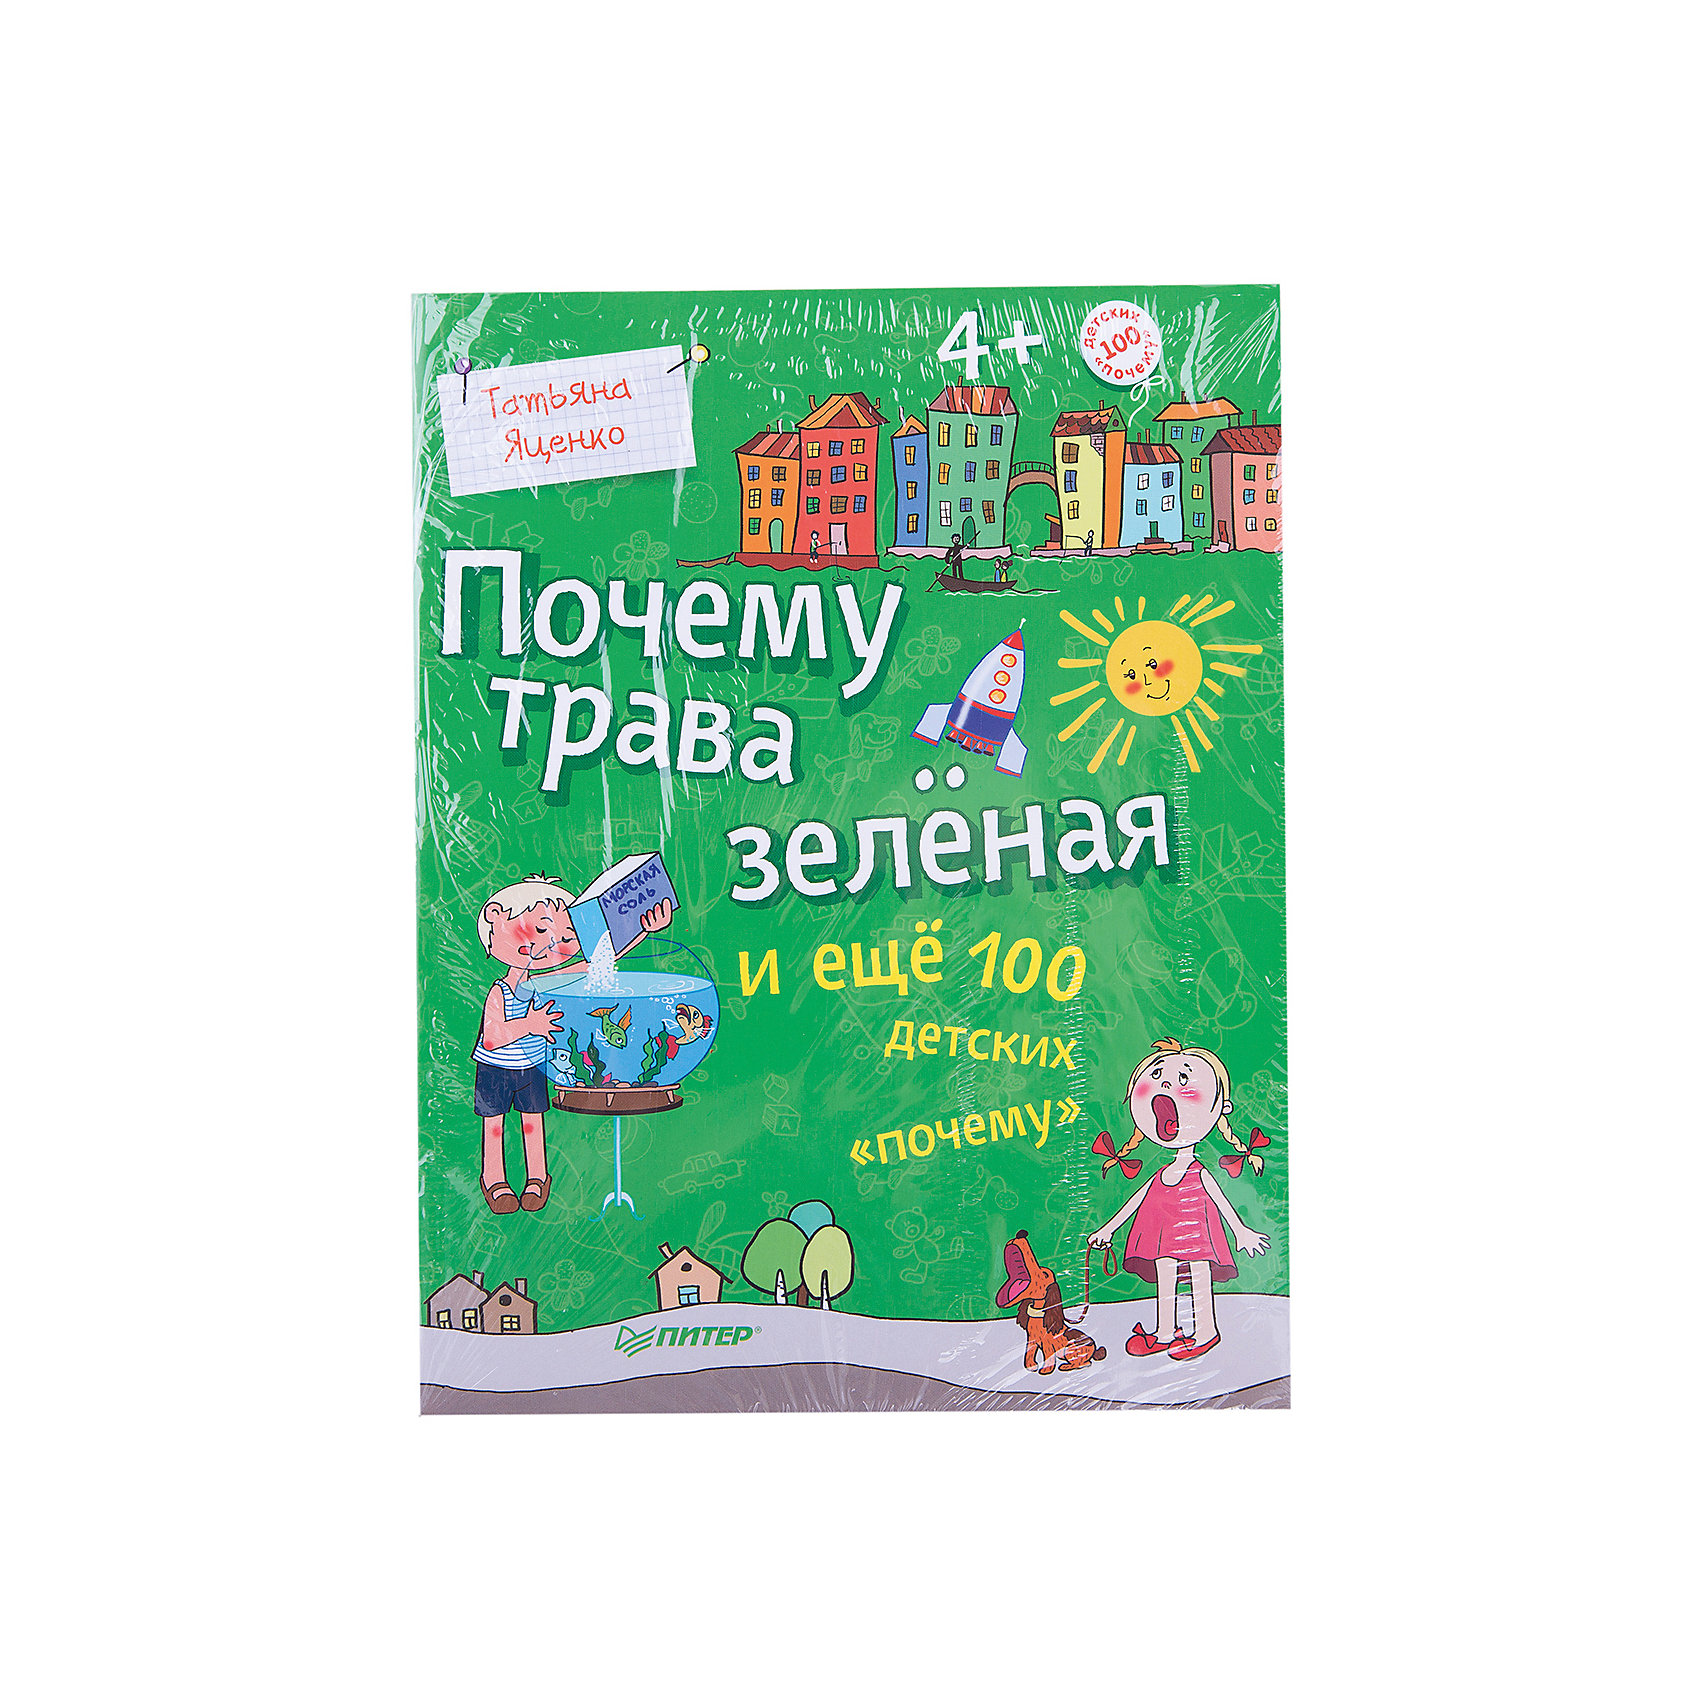 Почему трава зелёная и ещё 100 детских «почему»Энциклопедии всё обо всём<br>У маленького ребенка в голове вертится тысяча вопросов каждую минуту. Родители не могут ответить на все и рассказать малышу, как утроен мир на самом деле. А у ребенка зачастую появляются вопросы, которые поставят в тупик даже самого мудрого старца. Книга «Почему трава зелёная и ещё 100 детских «почему»» утолит интеллектуальный голод ребенка и сделает мир для малыша чуточку понятнее. Сборник будет интересен не только маленьким детям, но и их родителям.   Книга развивает грамотное становление речи, мелкую моторику и мышление, а так же практикует творческие навыки.<br><br>Дополнительная информация:<br>страниц: 64;<br>формат:  205 х 260 мм.<br><br>Книгу «Почему трава зелёная и ещё 100 детских «почему»» можно купить в нашем магазине.<br><br>Ширина мм: 252<br>Глубина мм: 195<br>Высота мм: 3<br>Вес г: 336<br>Возраст от месяцев: -2147483648<br>Возраст до месяцев: 2147483647<br>Пол: Унисекс<br>Возраст: Детский<br>SKU: 4966345